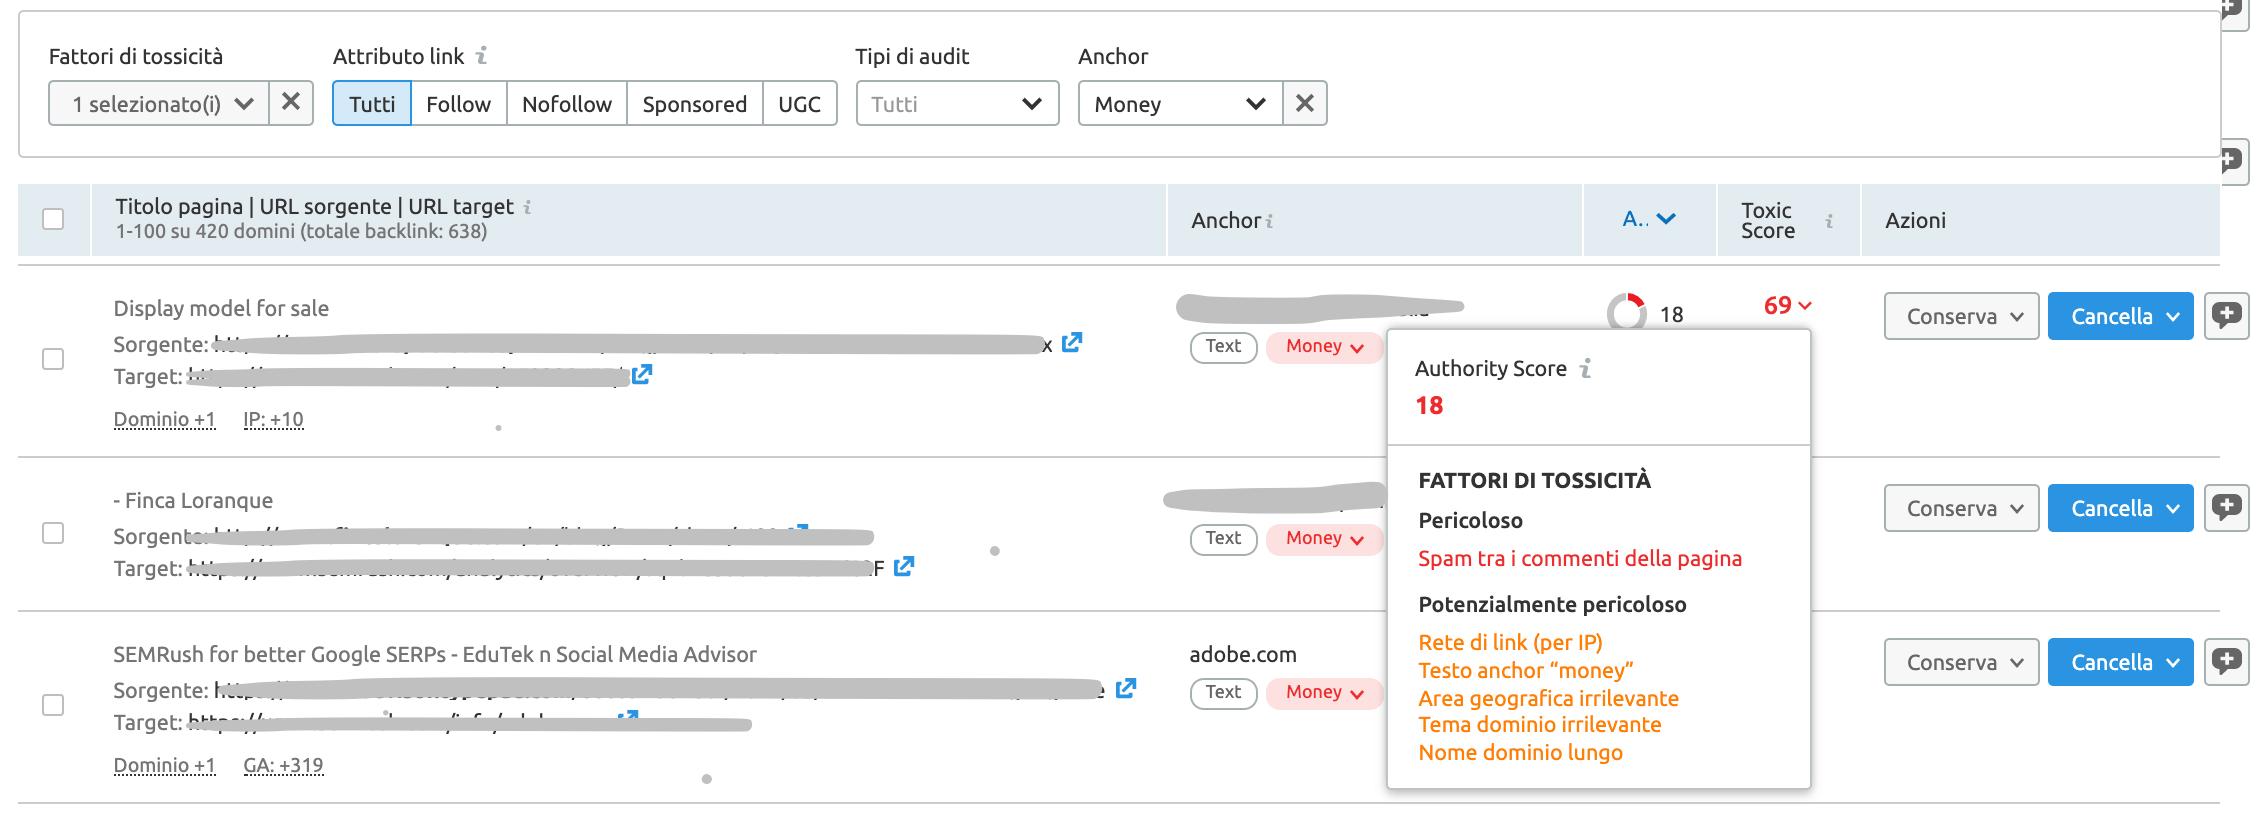 analisi del profilo backlink di un sito web con Backlink audit di semrush